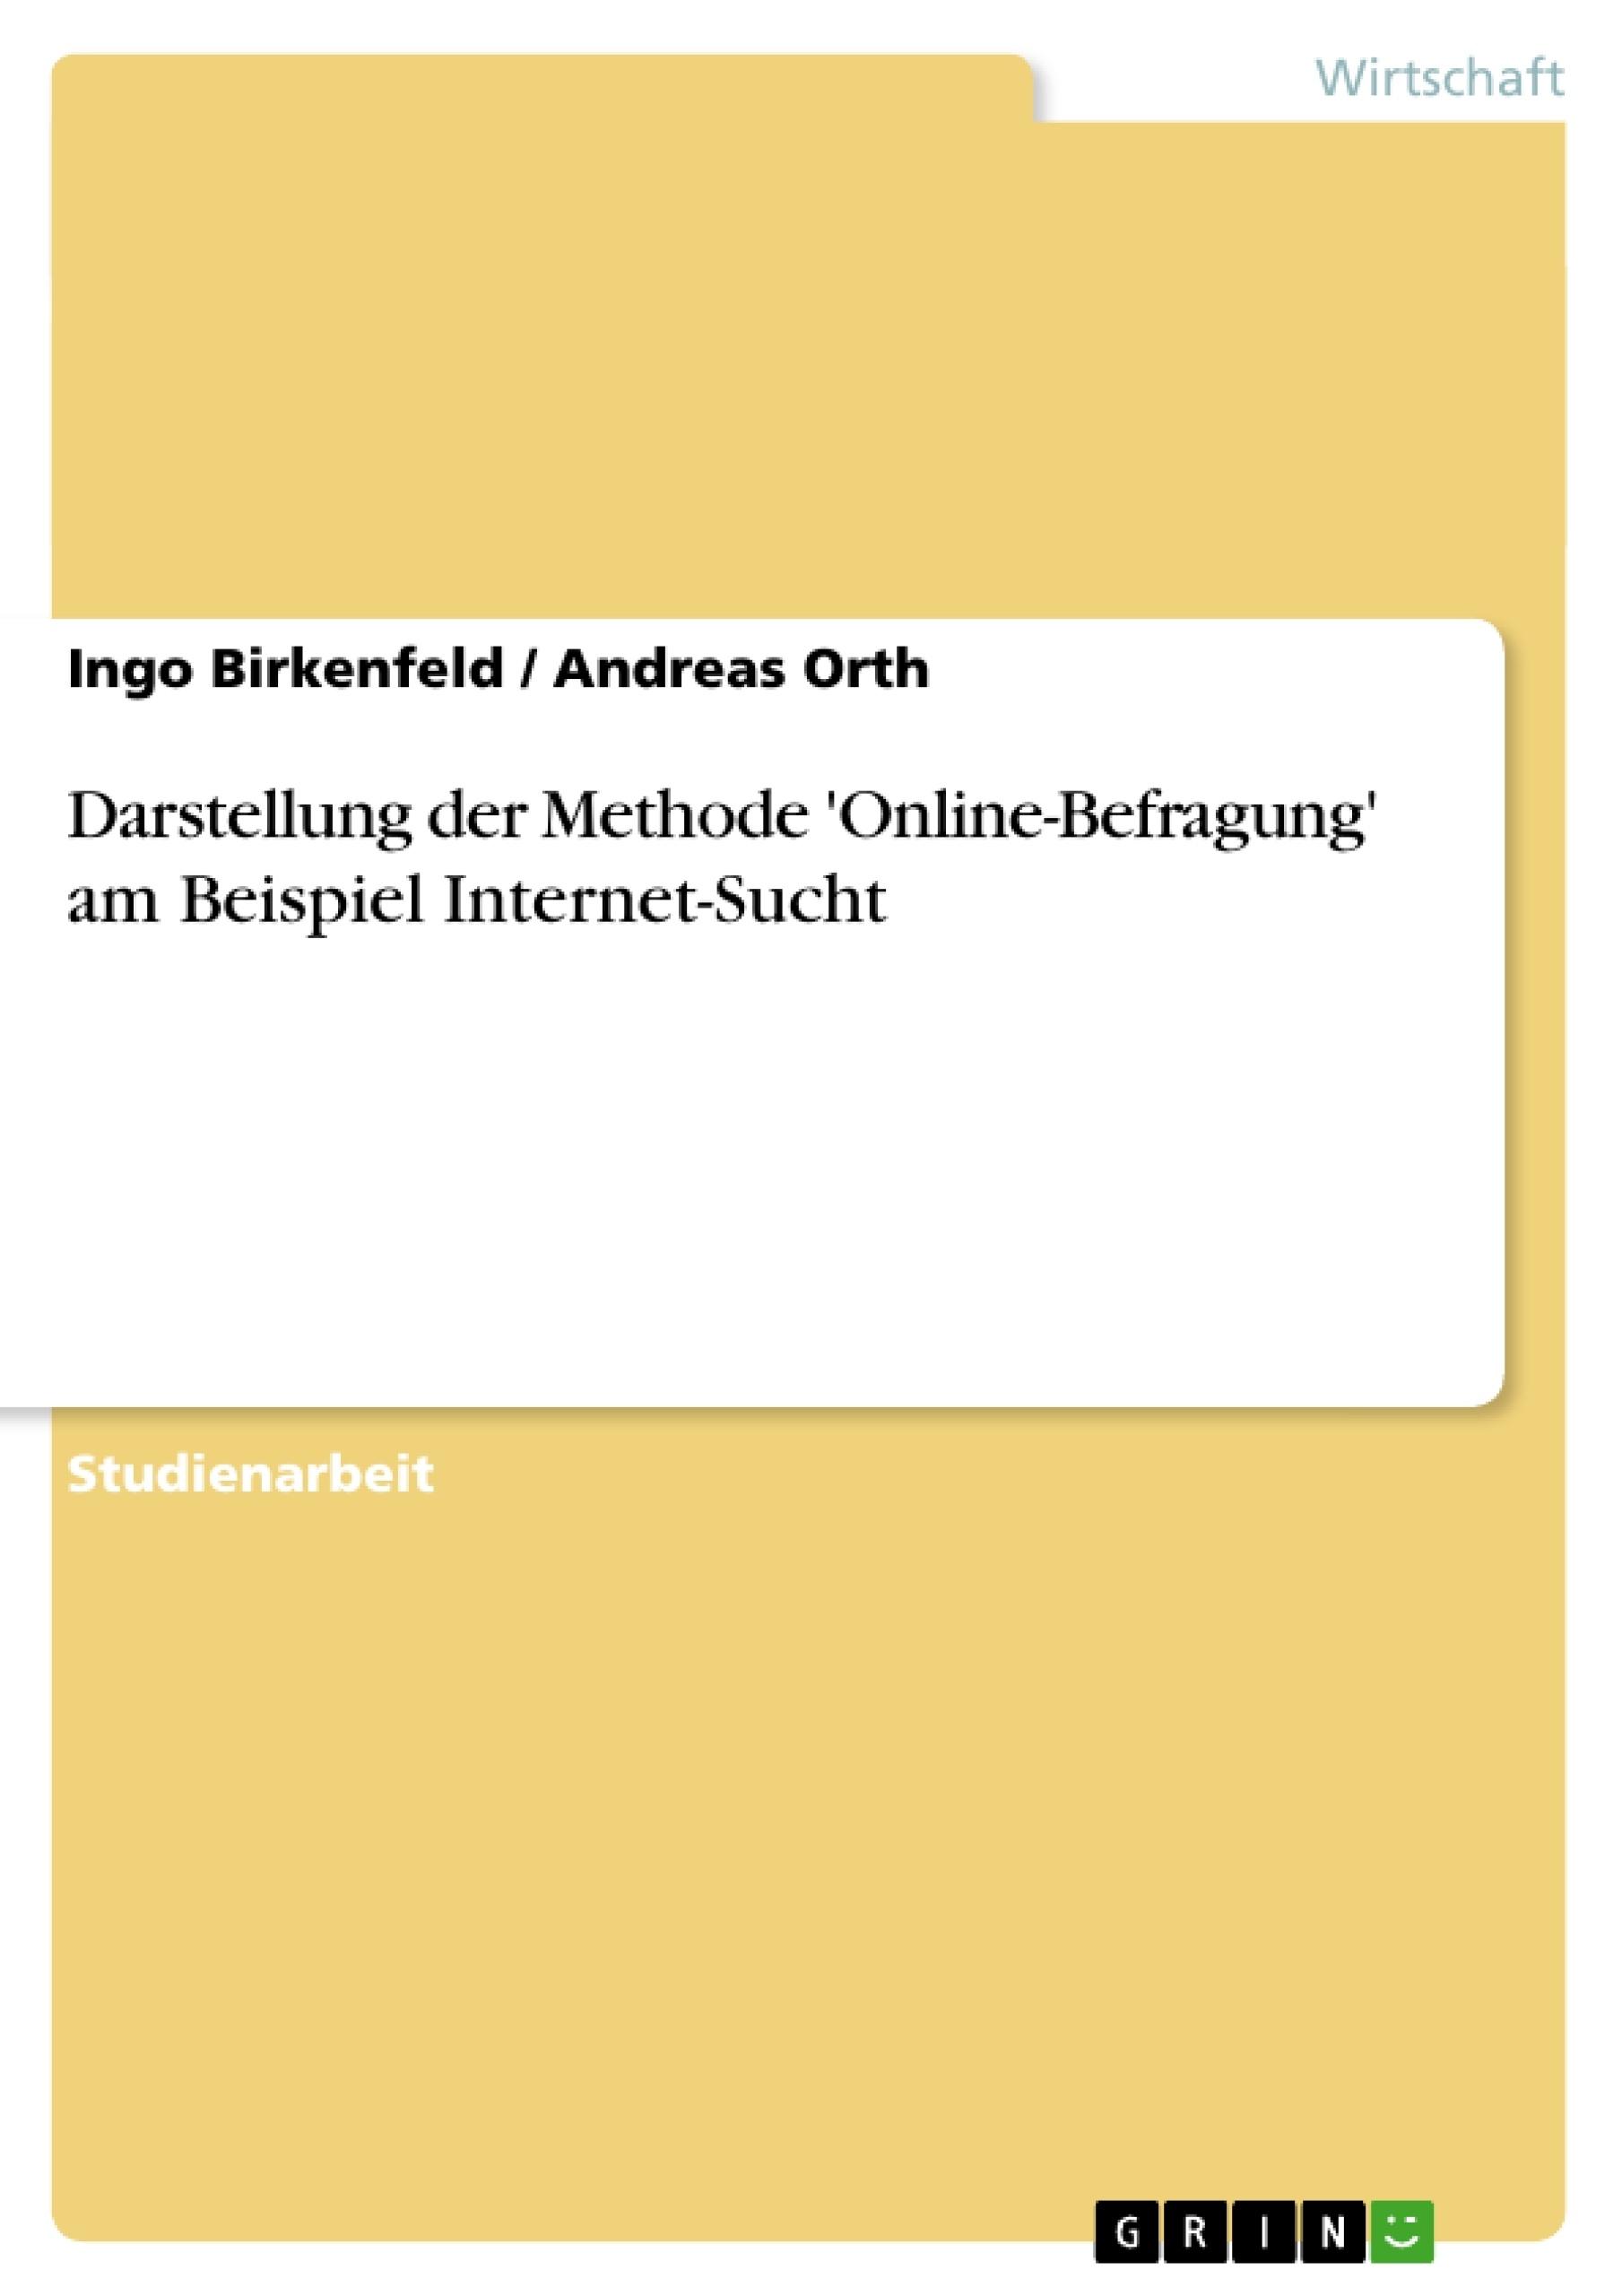 Titel: Darstellung der Methode 'Online-Befragung' am Beispiel Internet-Sucht